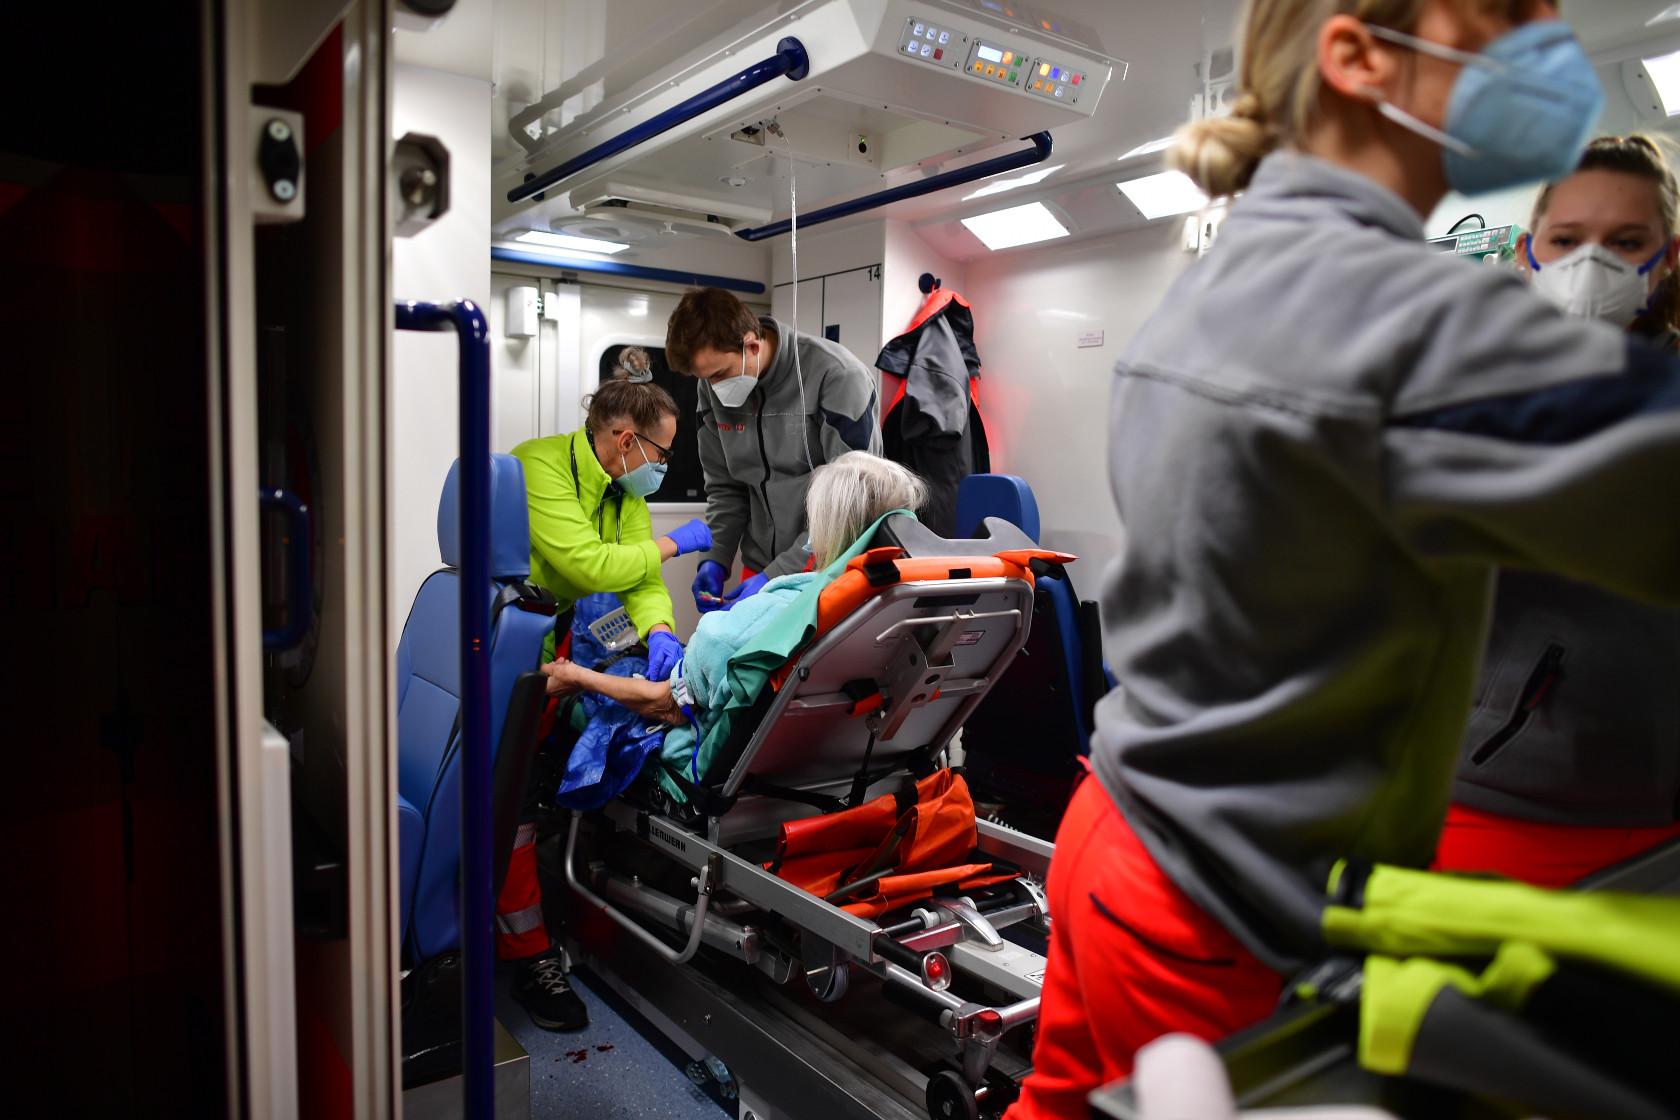 Rettungsdienstpersonal in Corona-Schutzkleidung im Einsatz.